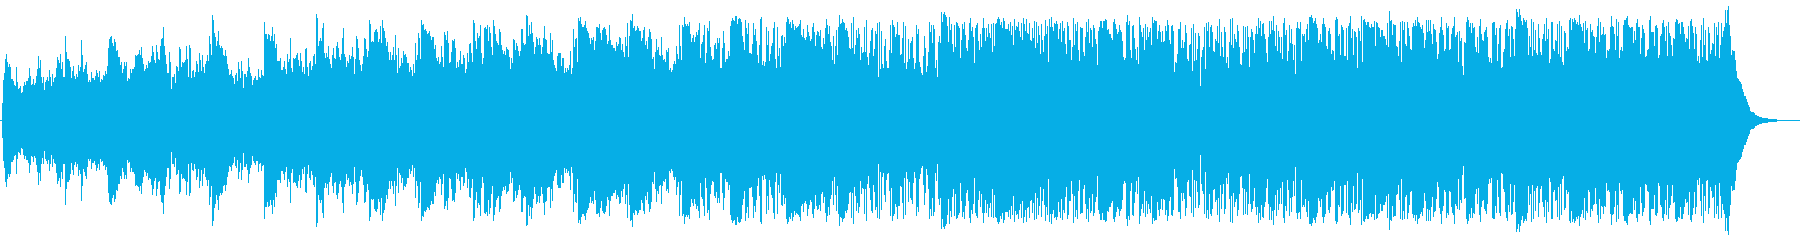 ポップ テクノ 代替案 ほのぼの ...の再生済みの波形